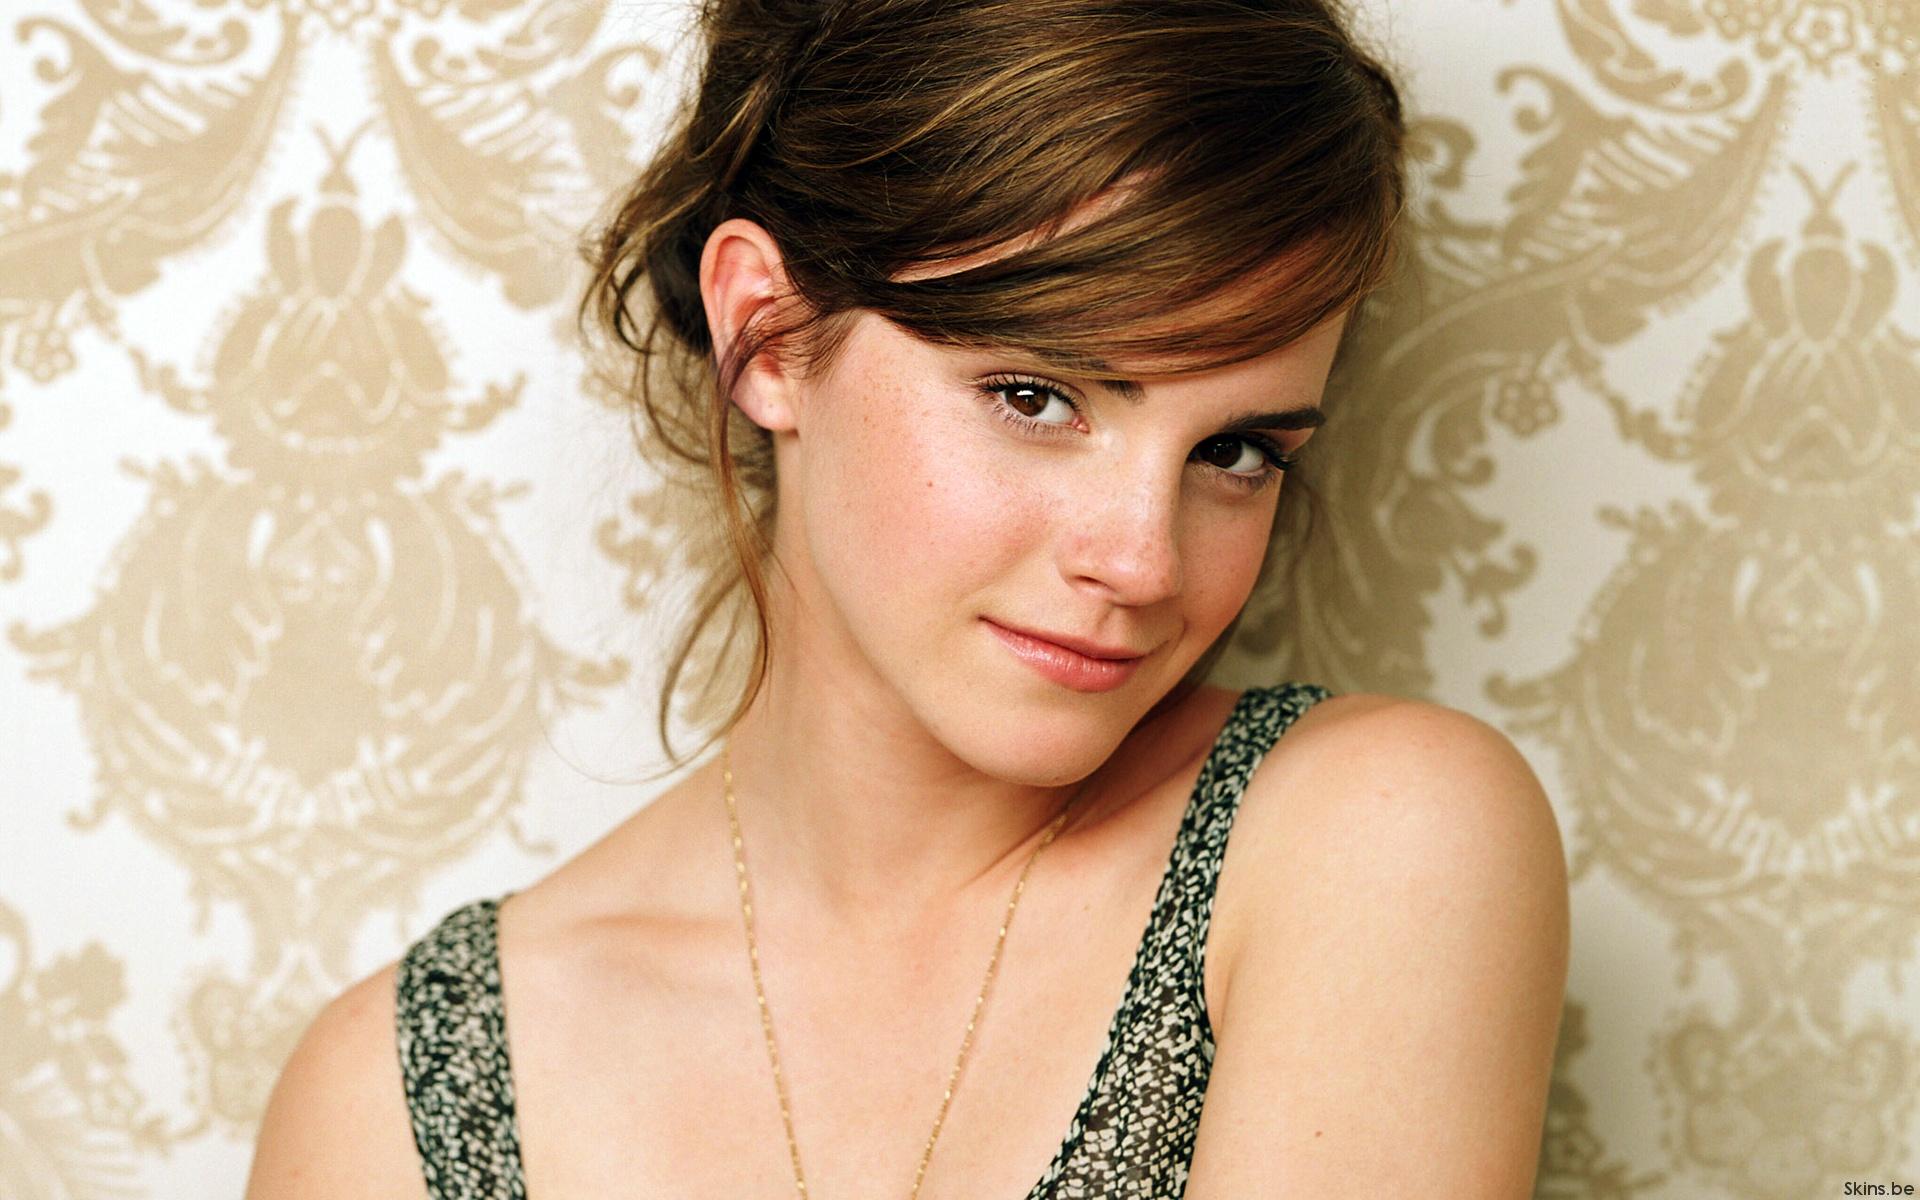 HD Wallpapers Emma Watson Hot Looks